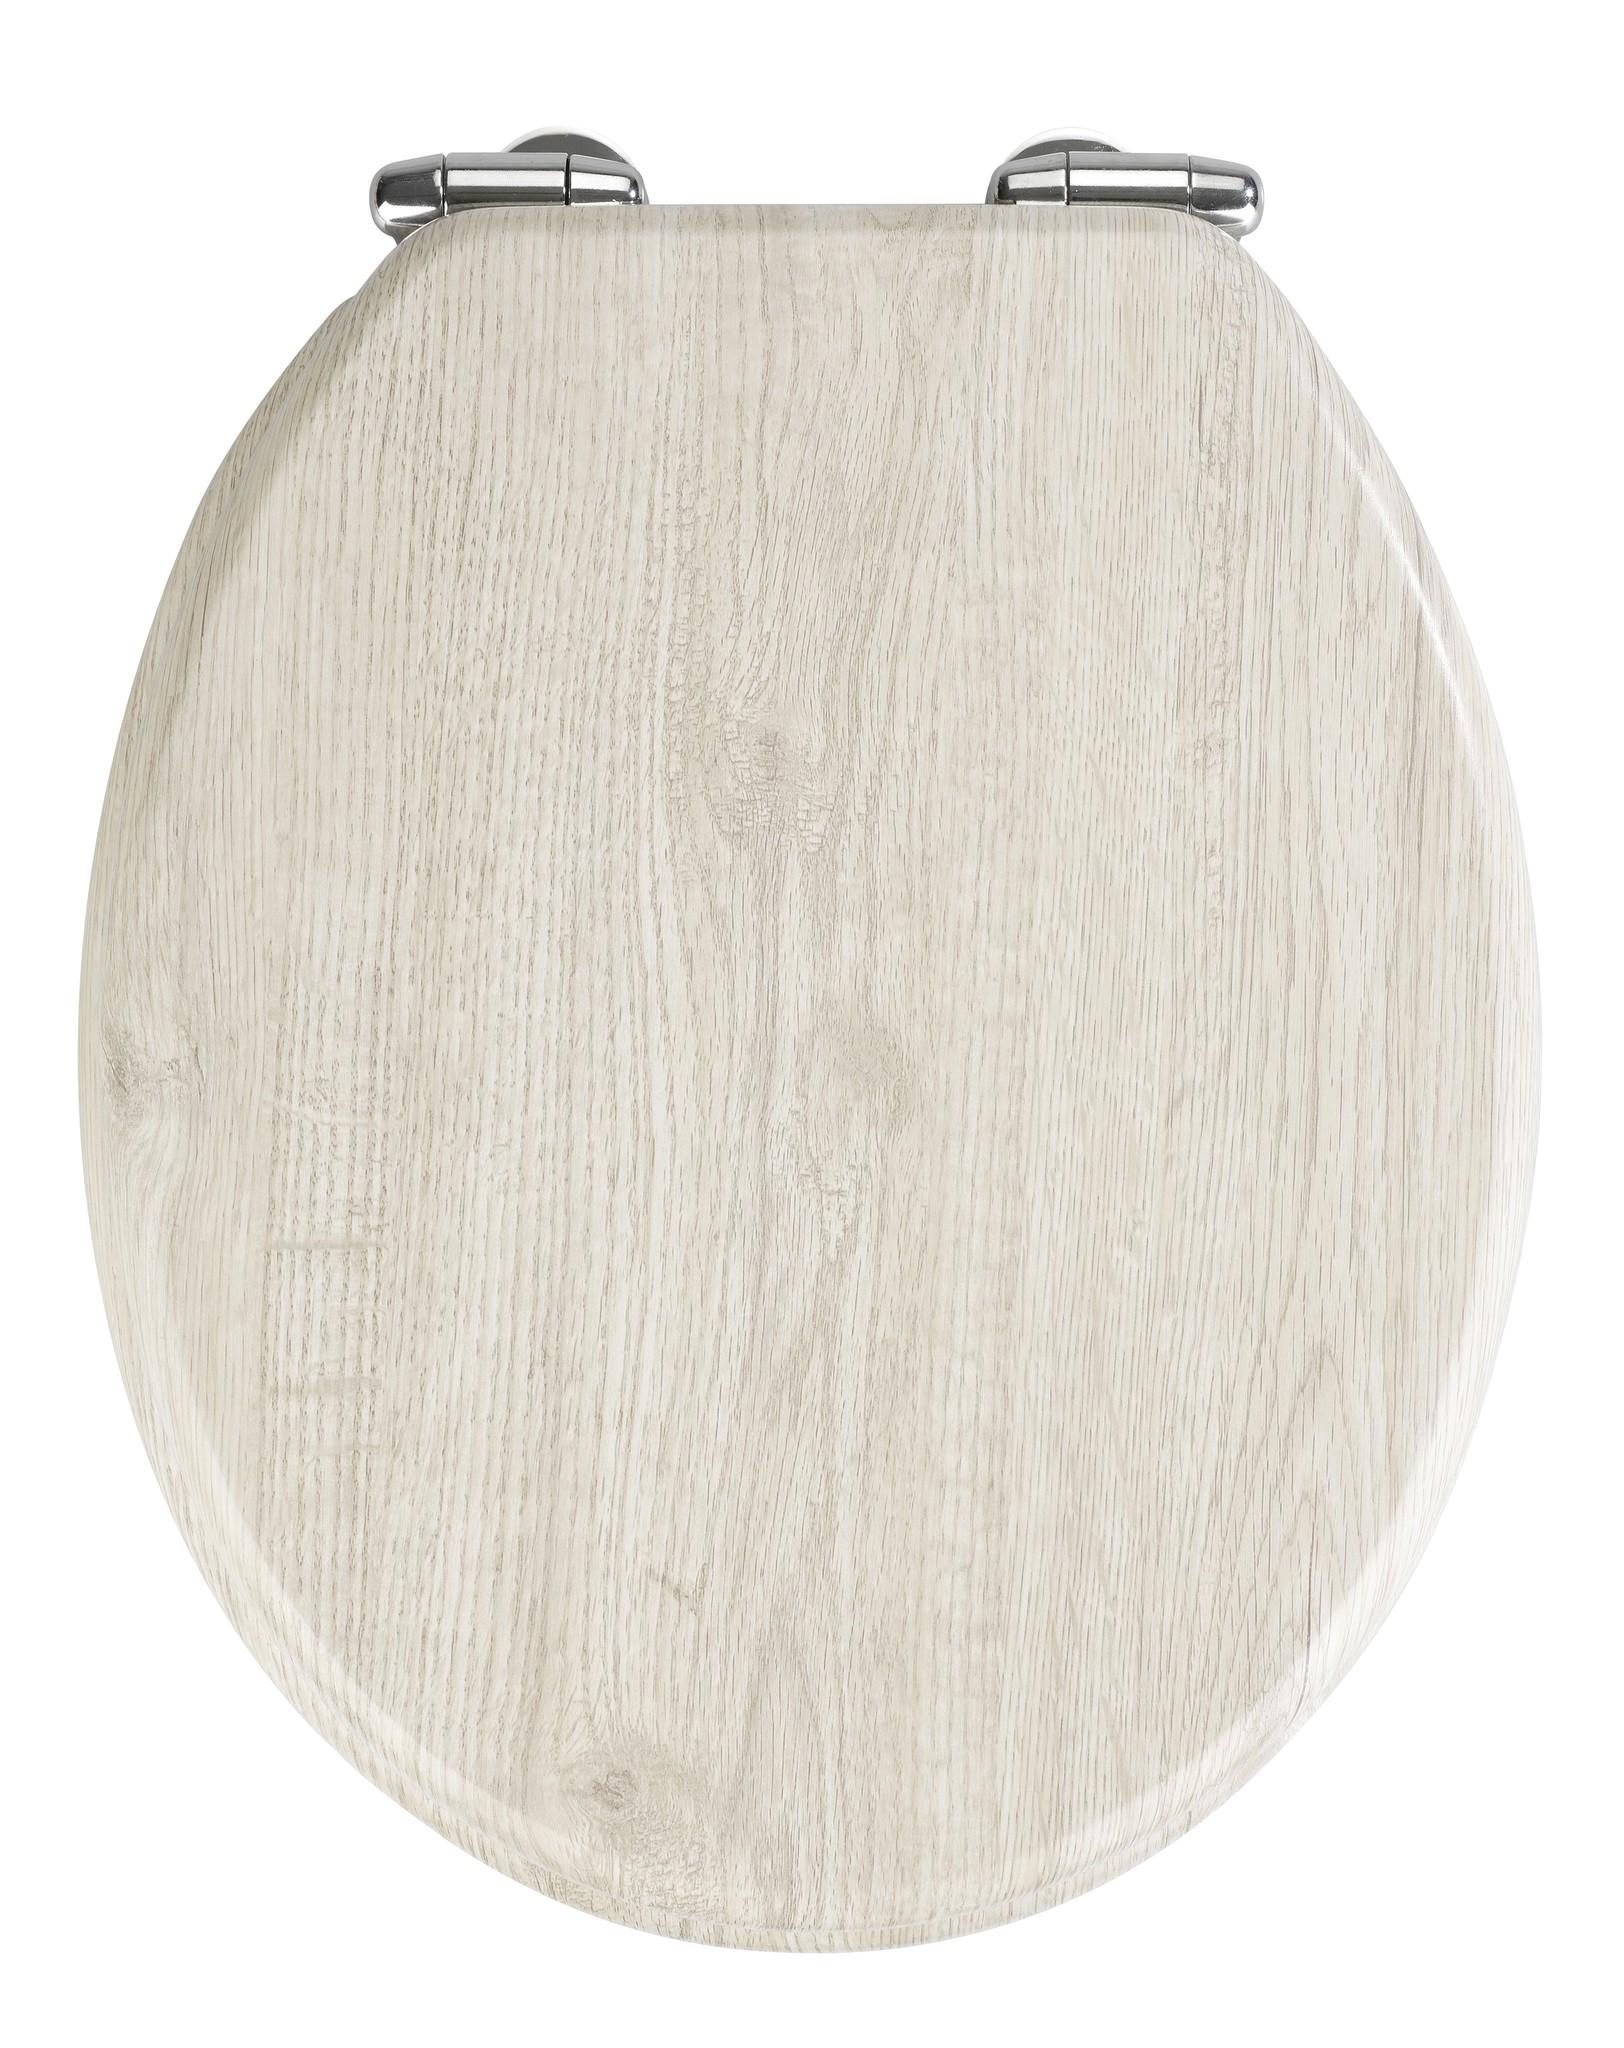 wc sitz eiche grau mit absenkautomatik von wenko jetzt kaufen bei wc. Black Bedroom Furniture Sets. Home Design Ideas